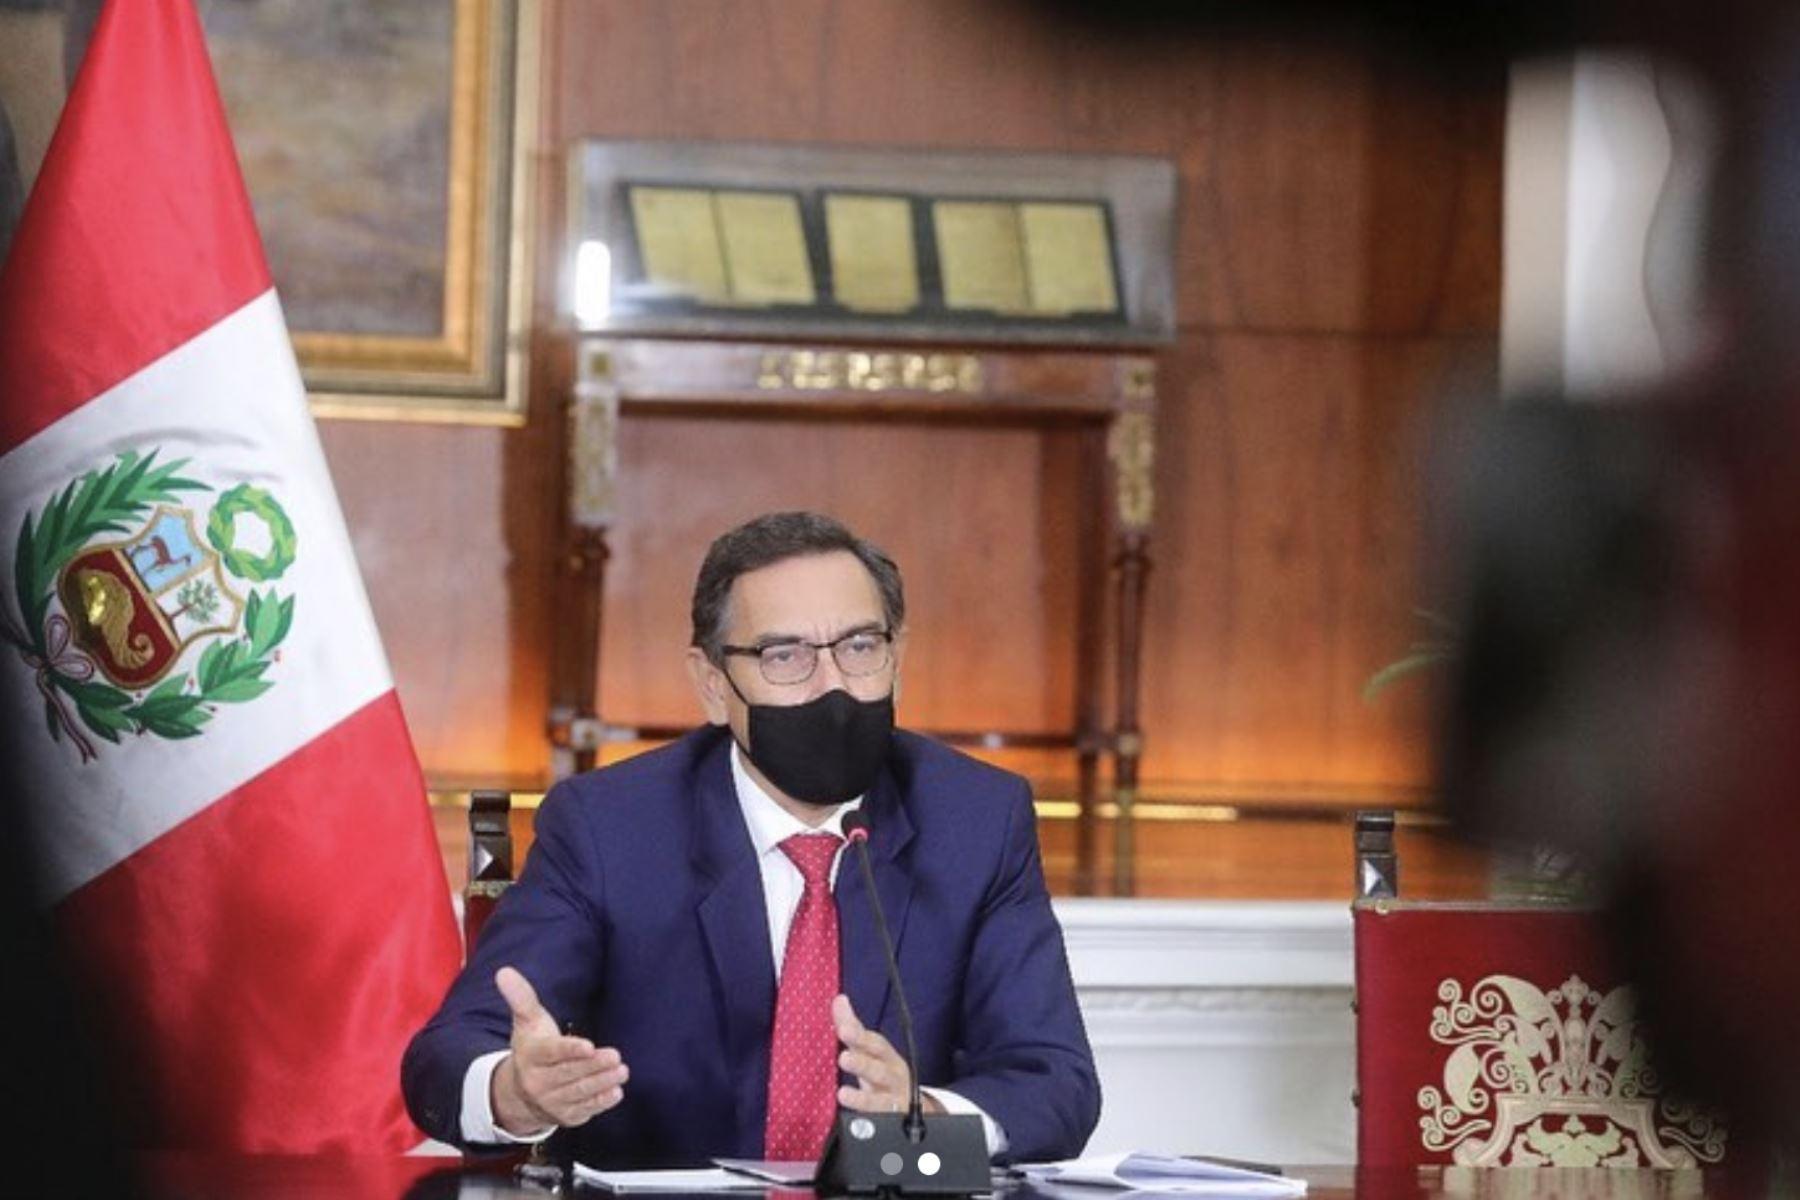 Países del Prosur analizan reapertura de fronteras, cerradas por la pandemia